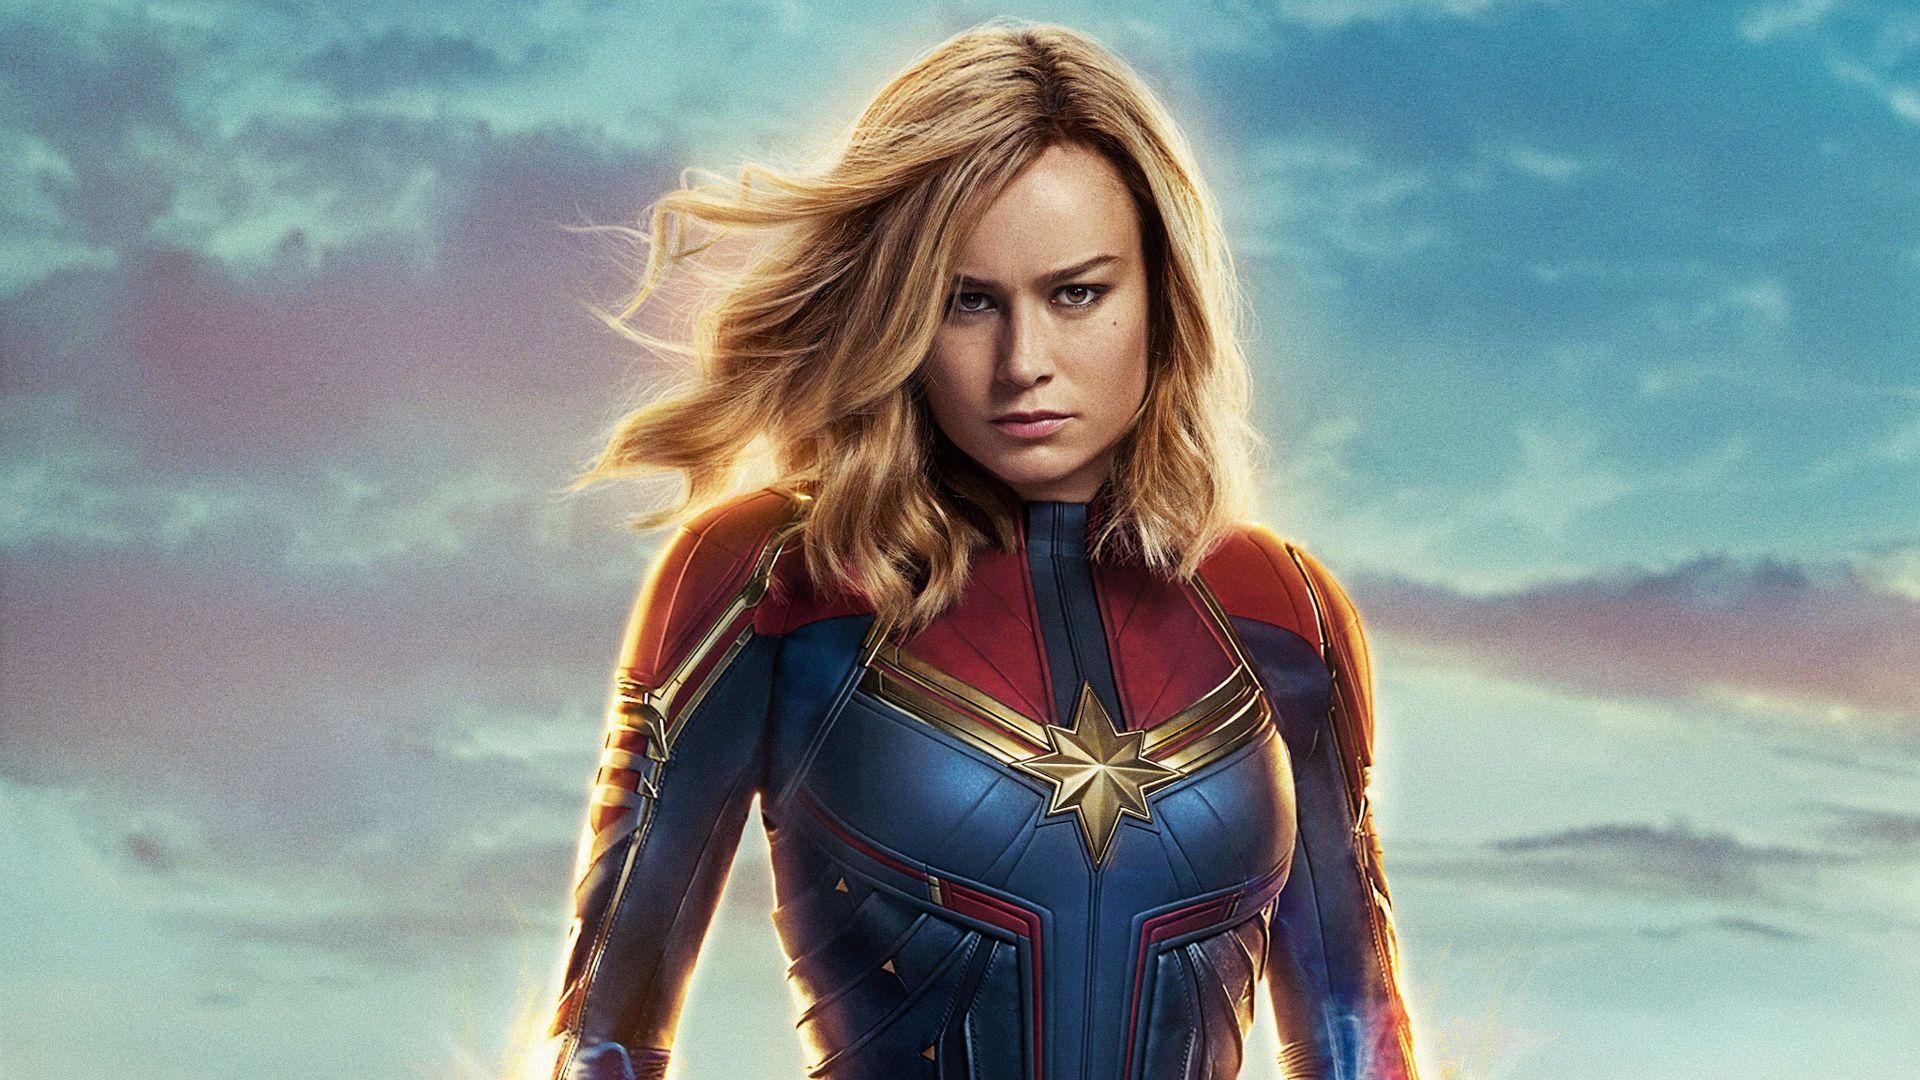 Captain Marvel pc wallpaper